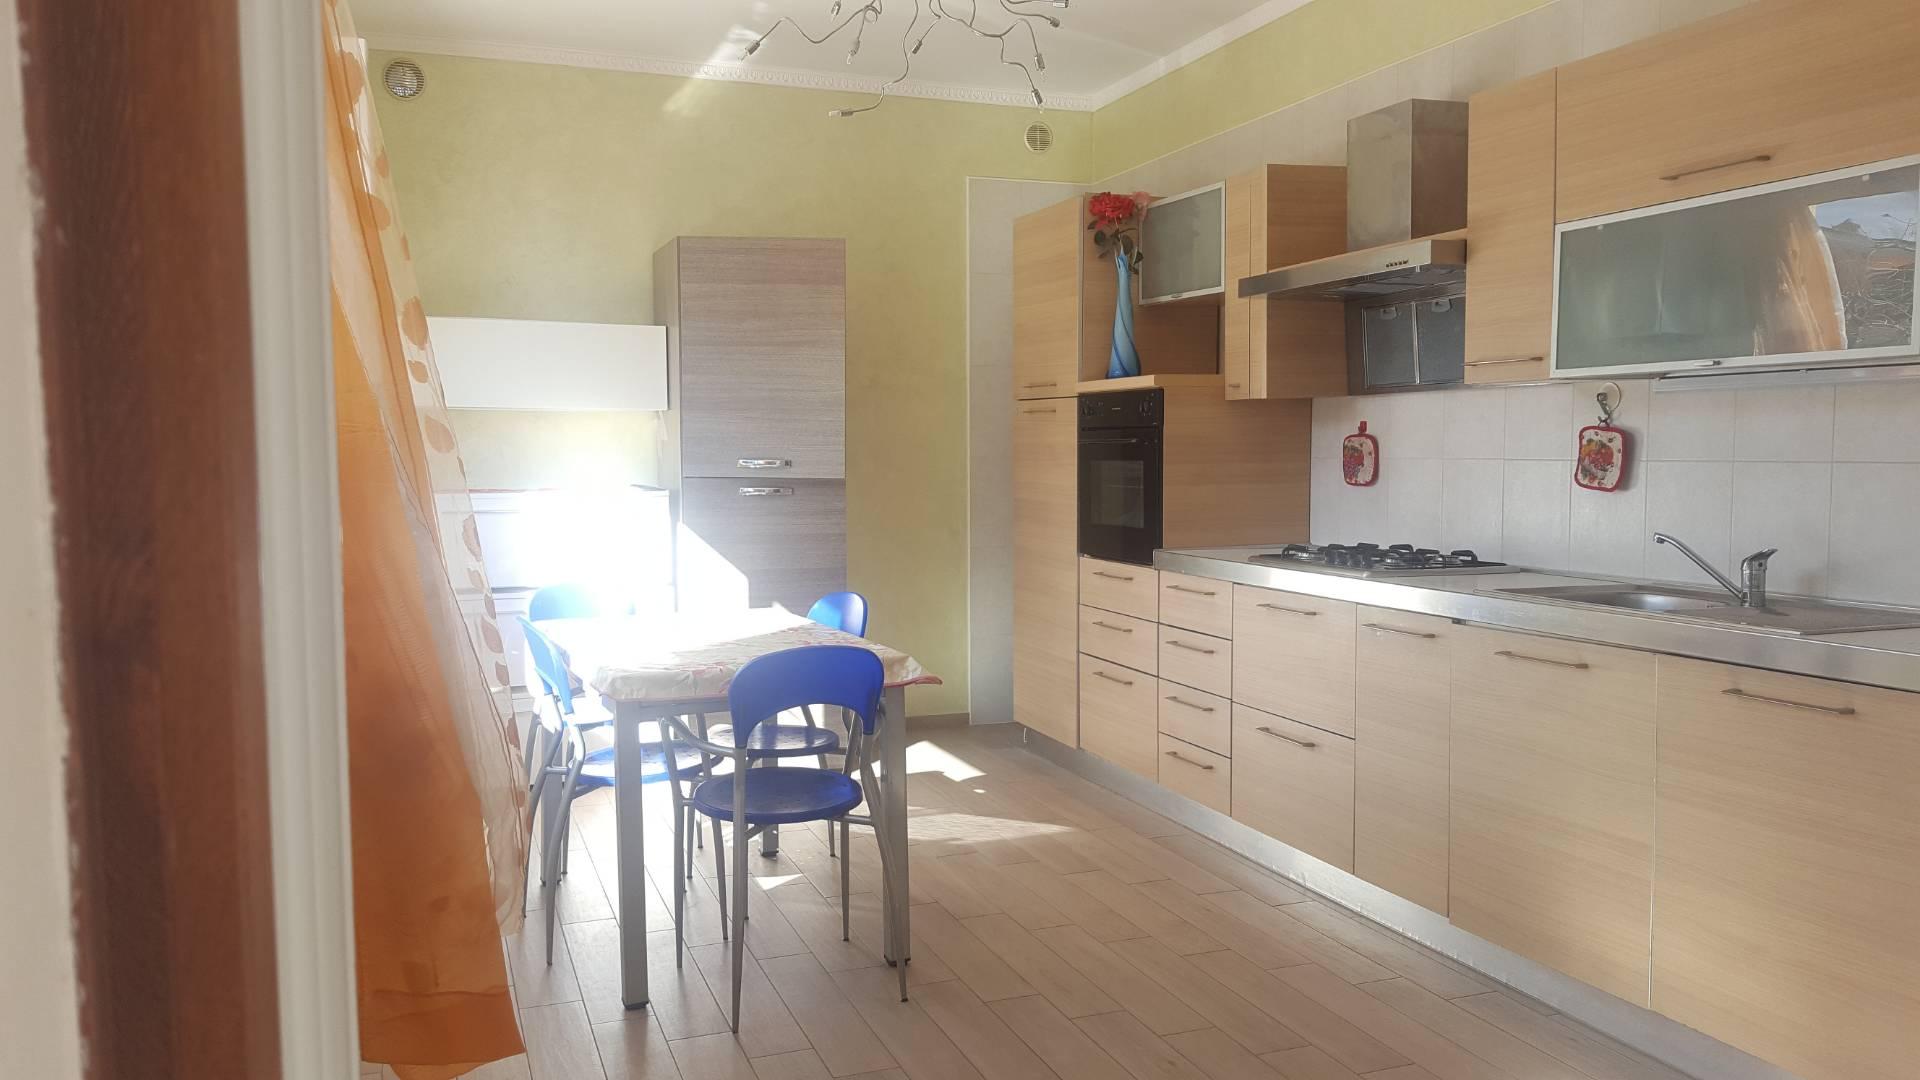 Appartamento in vendita a Roseto degli Abruzzi, 3 locali, zona Località: ColognaSpiaggia, prezzo € 129.000 | CambioCasa.it